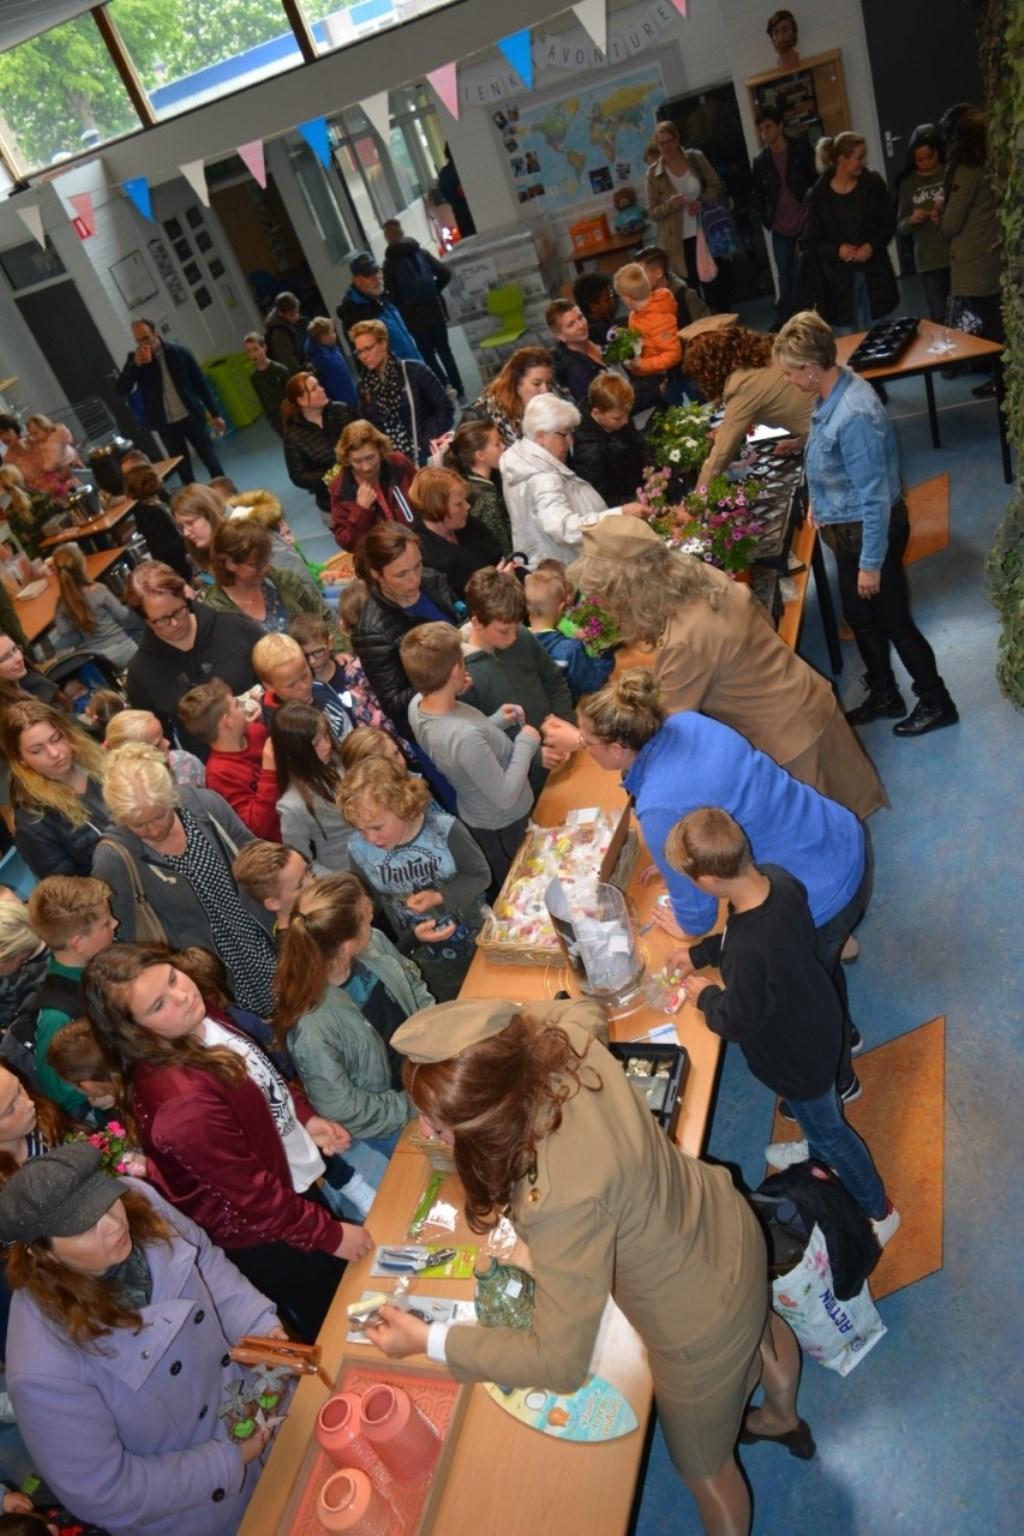 Drukte in de hal. (foto: basisschool de Hien Dodewaard) Foto: basisschool de Hien Dodewaard © Hét Gemeentenieuws